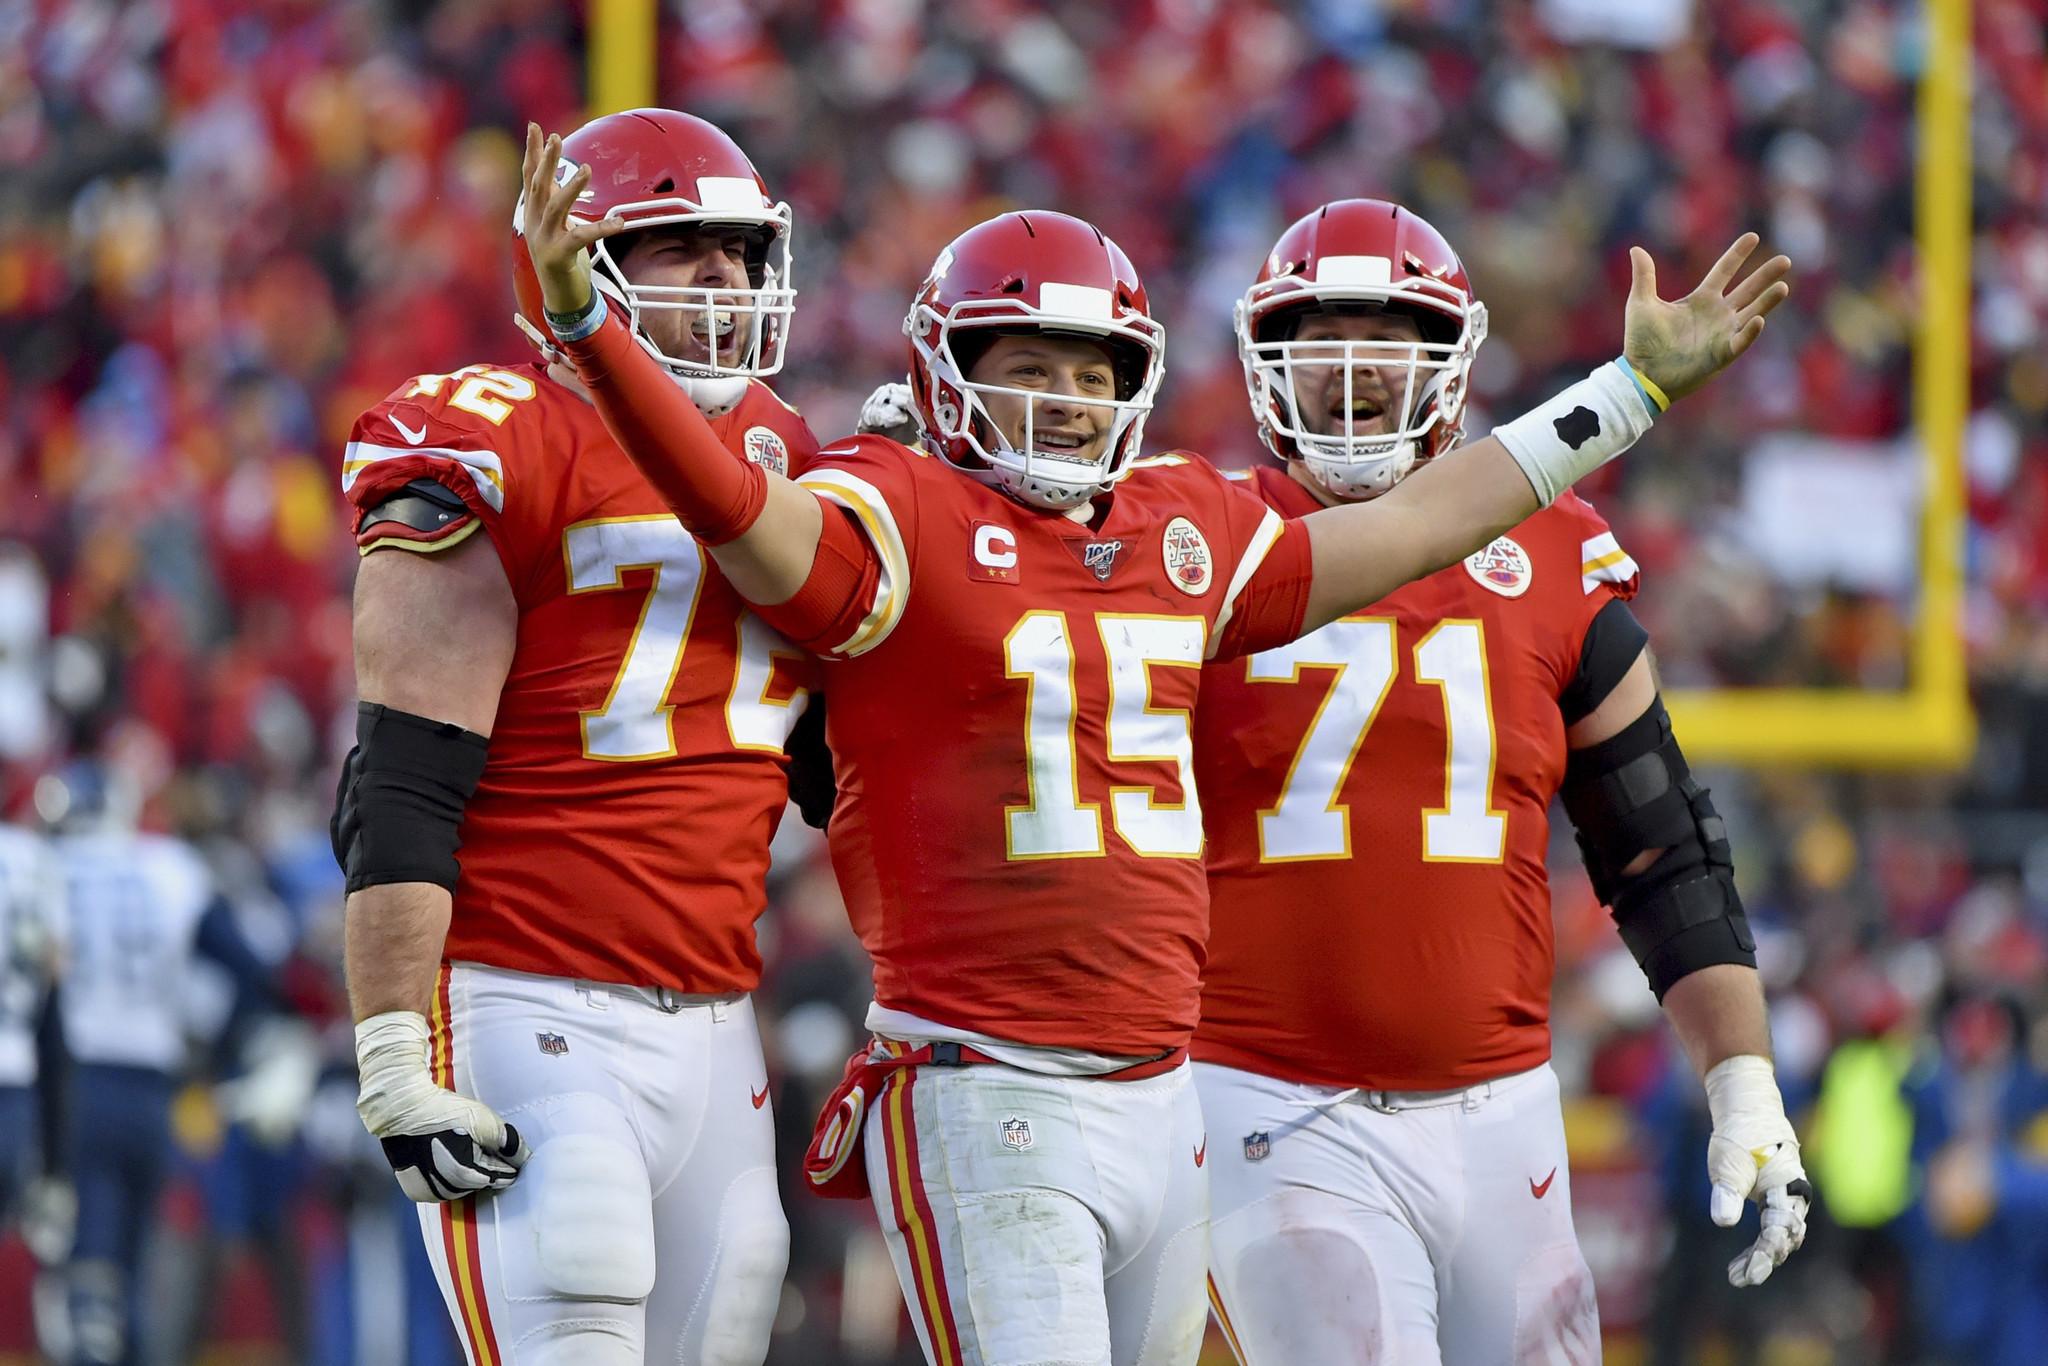 Patrick Mahomes, Chiefs light up Titans en route to Super Bowl LIV